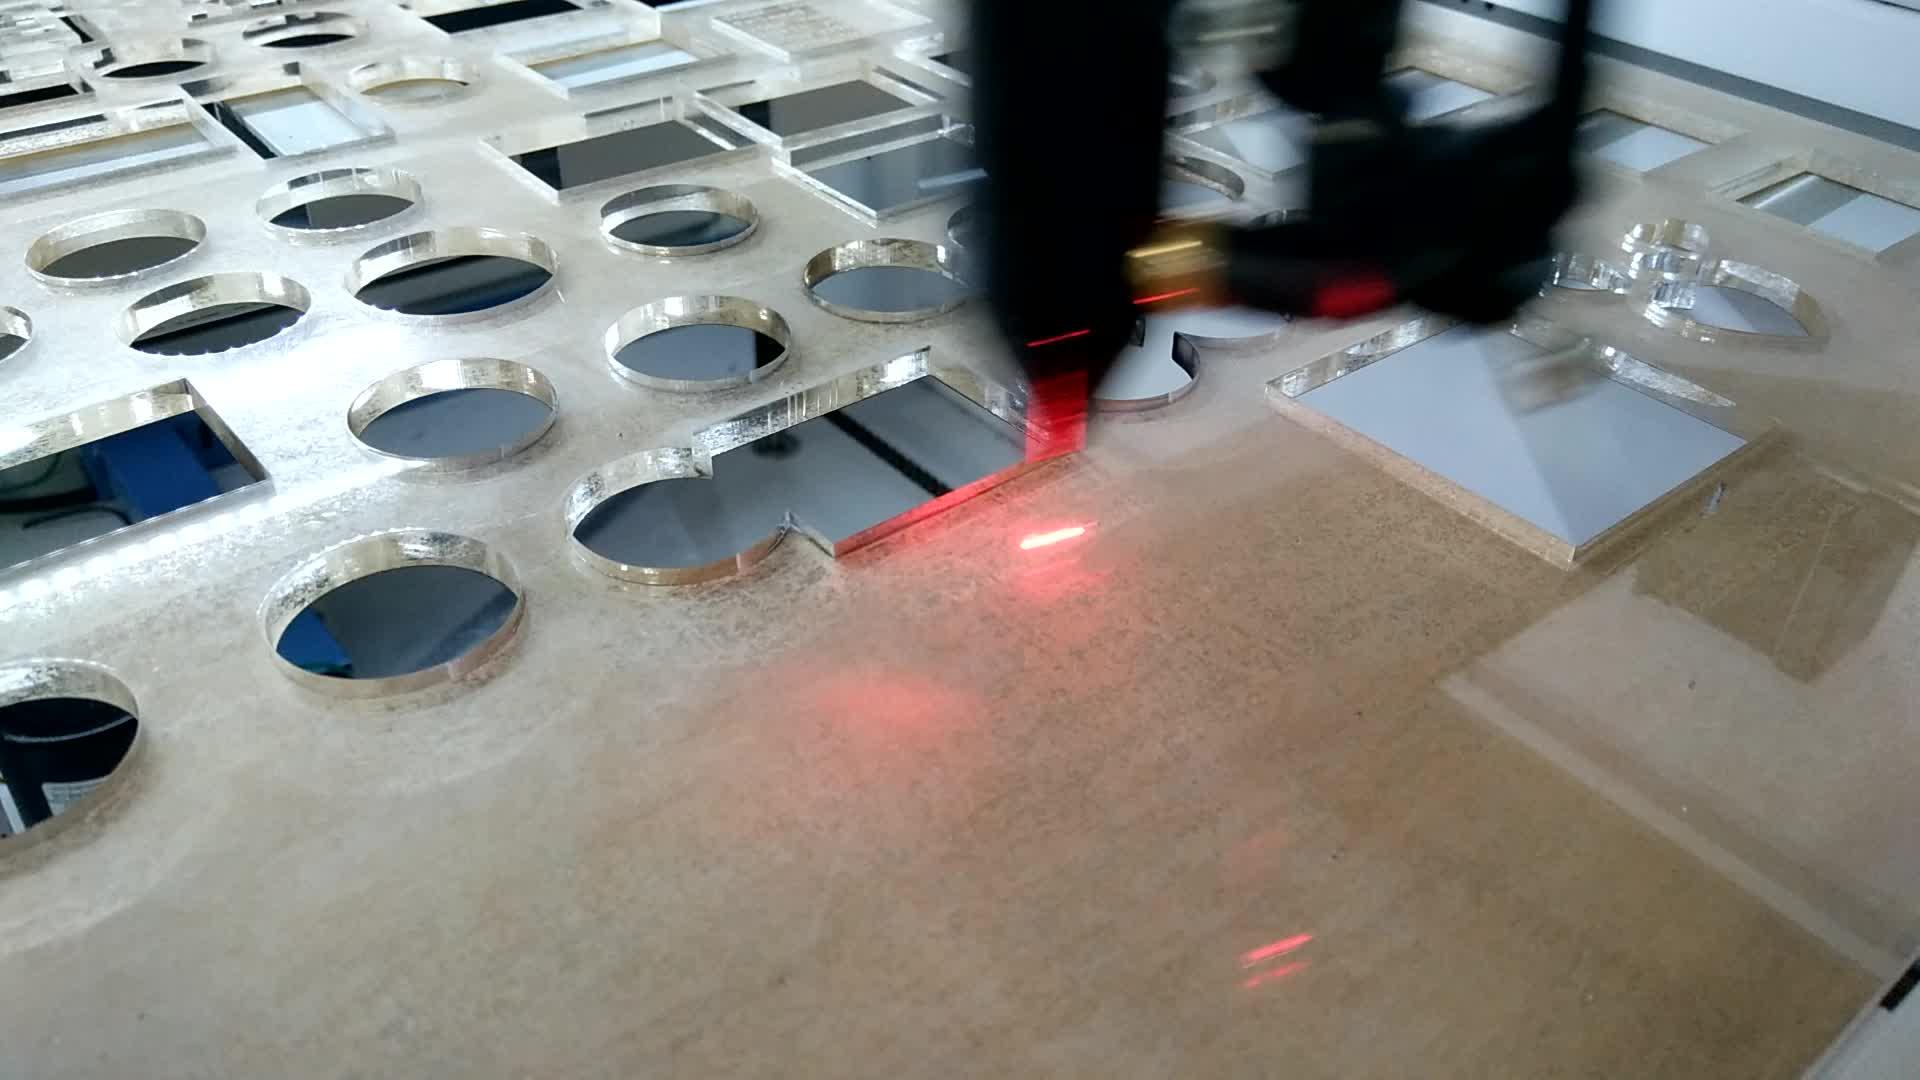 9060 लेजर उकेरक मशीन आईडी कार्ड लेजर उत्कीर्णन मशीन उपसतह लेजर मशीन ruida 6442 एस 80w 100w वैकल्पिक